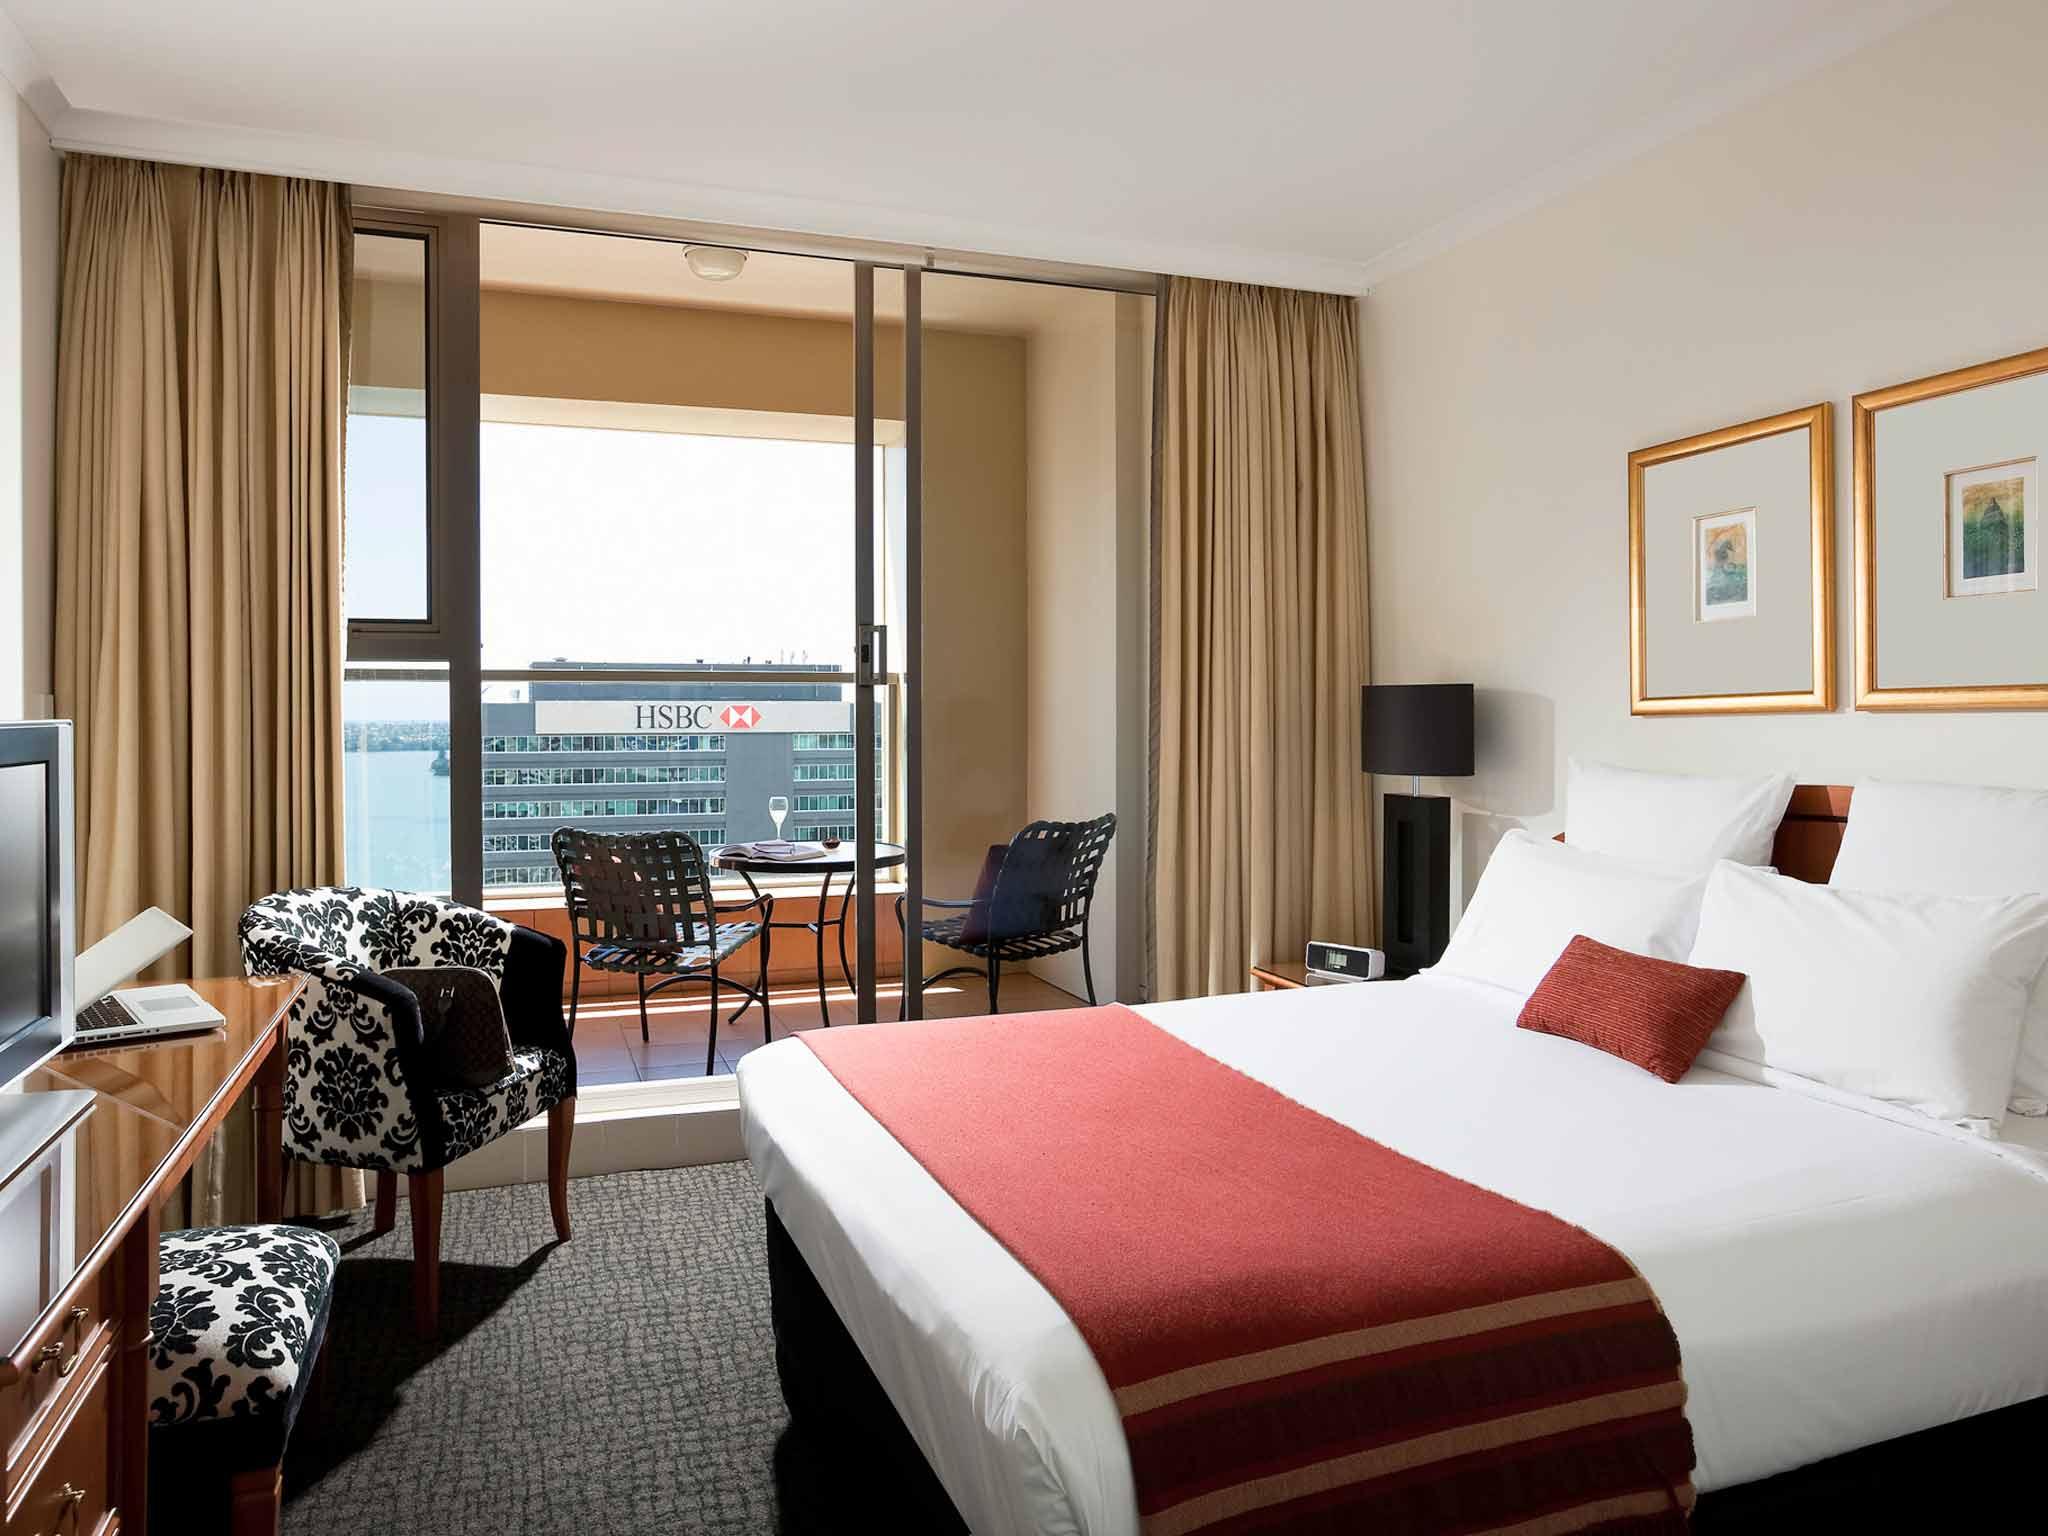 โรงแรม – คีย์ เวสต์ สวีท โอ๊คแลนด์